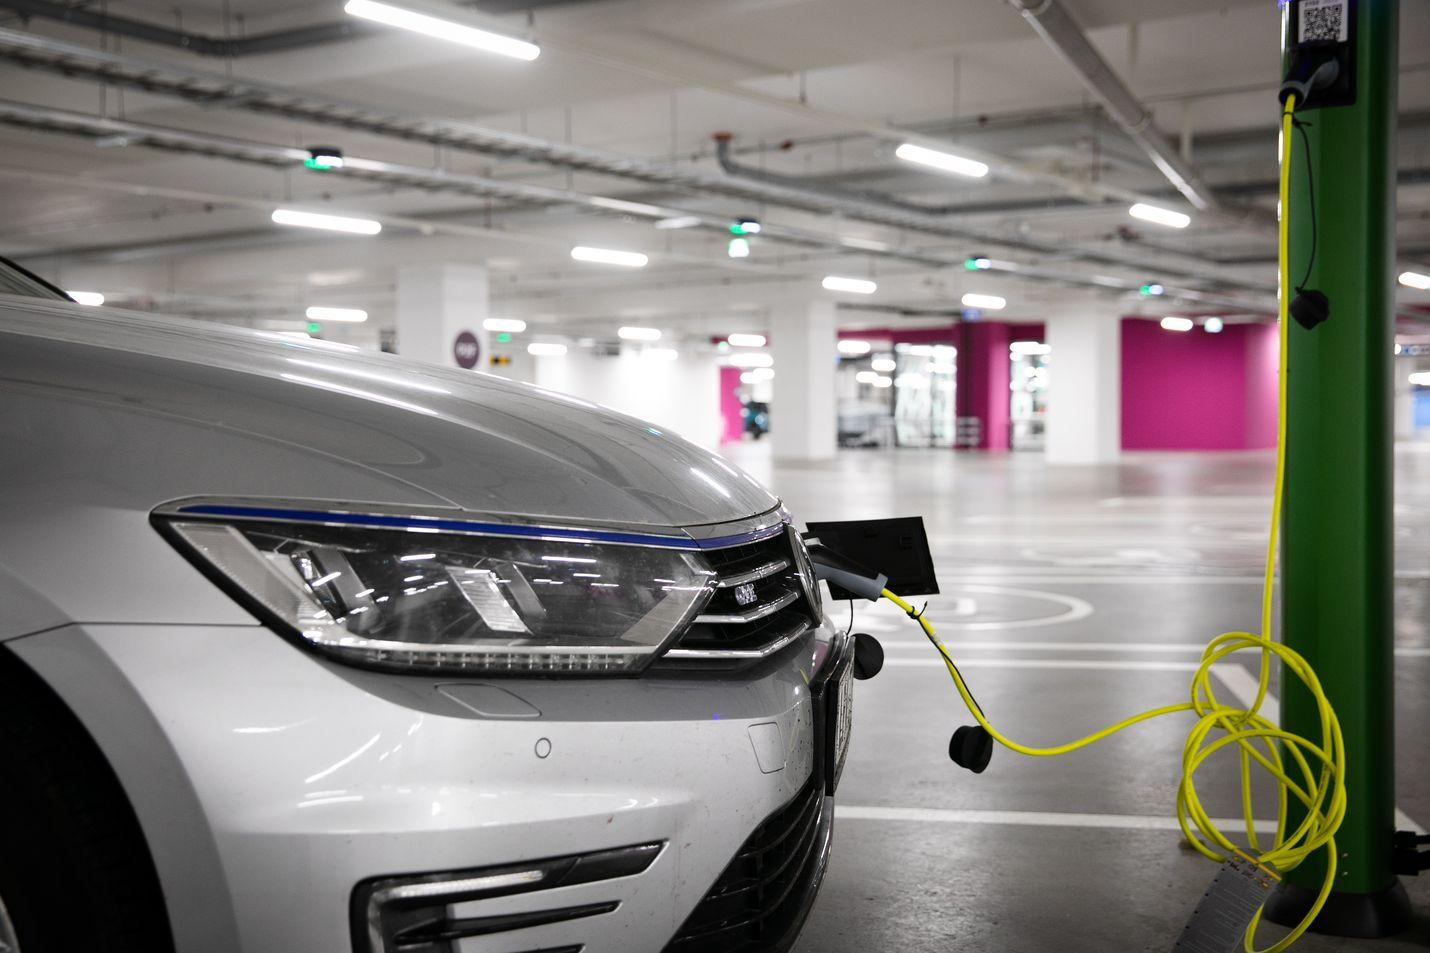 Hallituksen tavoitteena on, että Suomessa olisi vuonna 2030 noin 700 000 sähkökäyttöistä henkilöautoa.